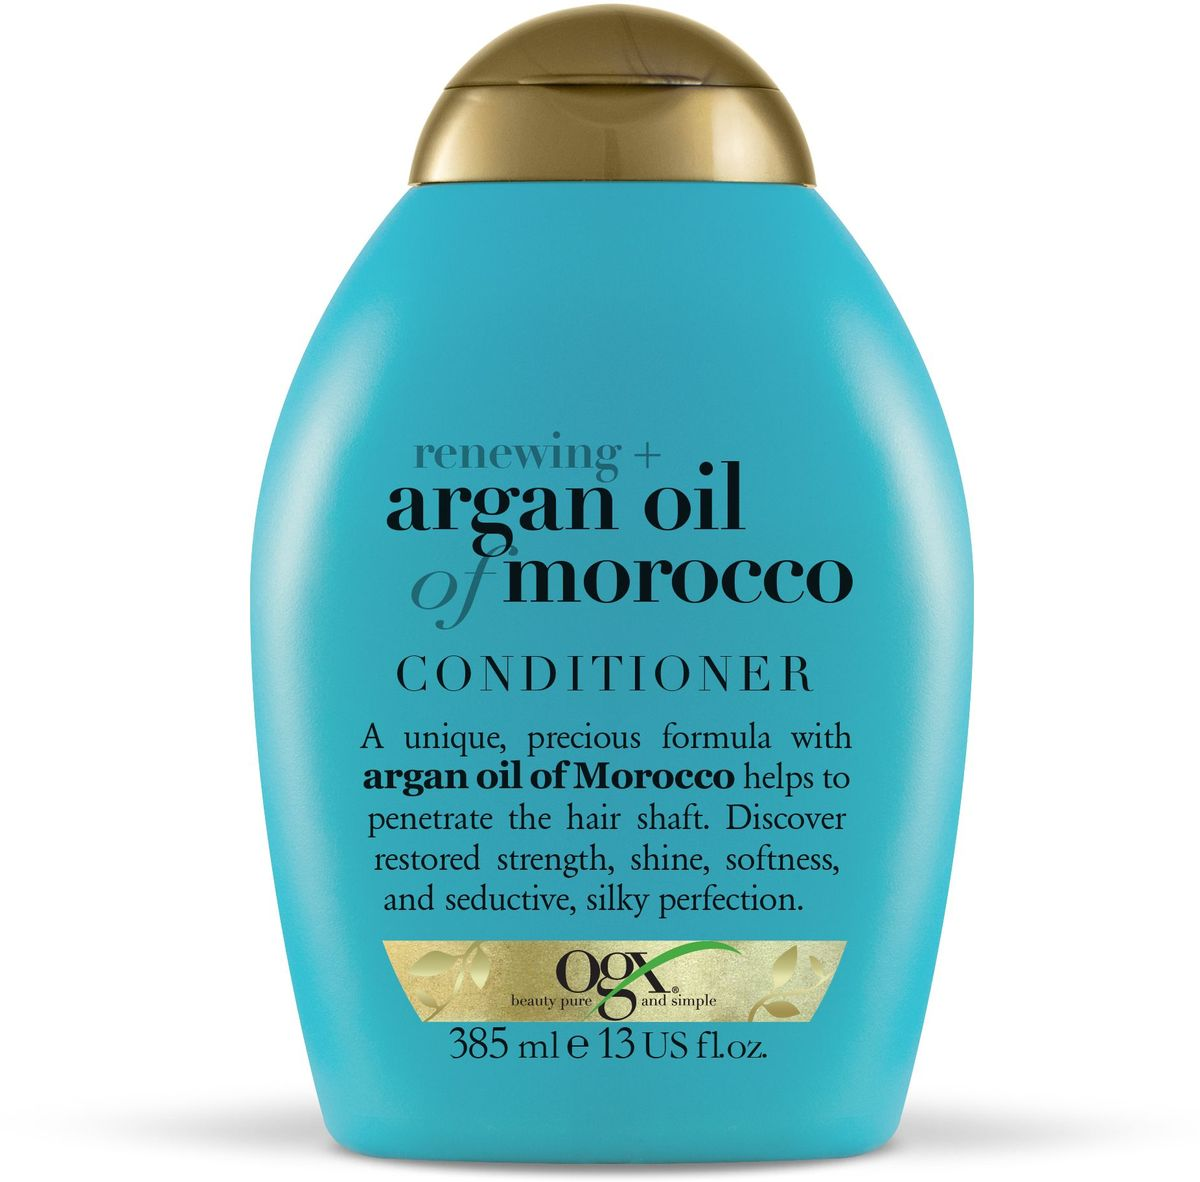 OGX Кондиционер для восстановления волос с аргановым маслом, 385 мл.MP59.4DКондиционер для восстановления волос с аргановым маслом, обогащенный антиоксидантами, способствует обновлению клеточной структуры волос, придает сияния и мягкость.